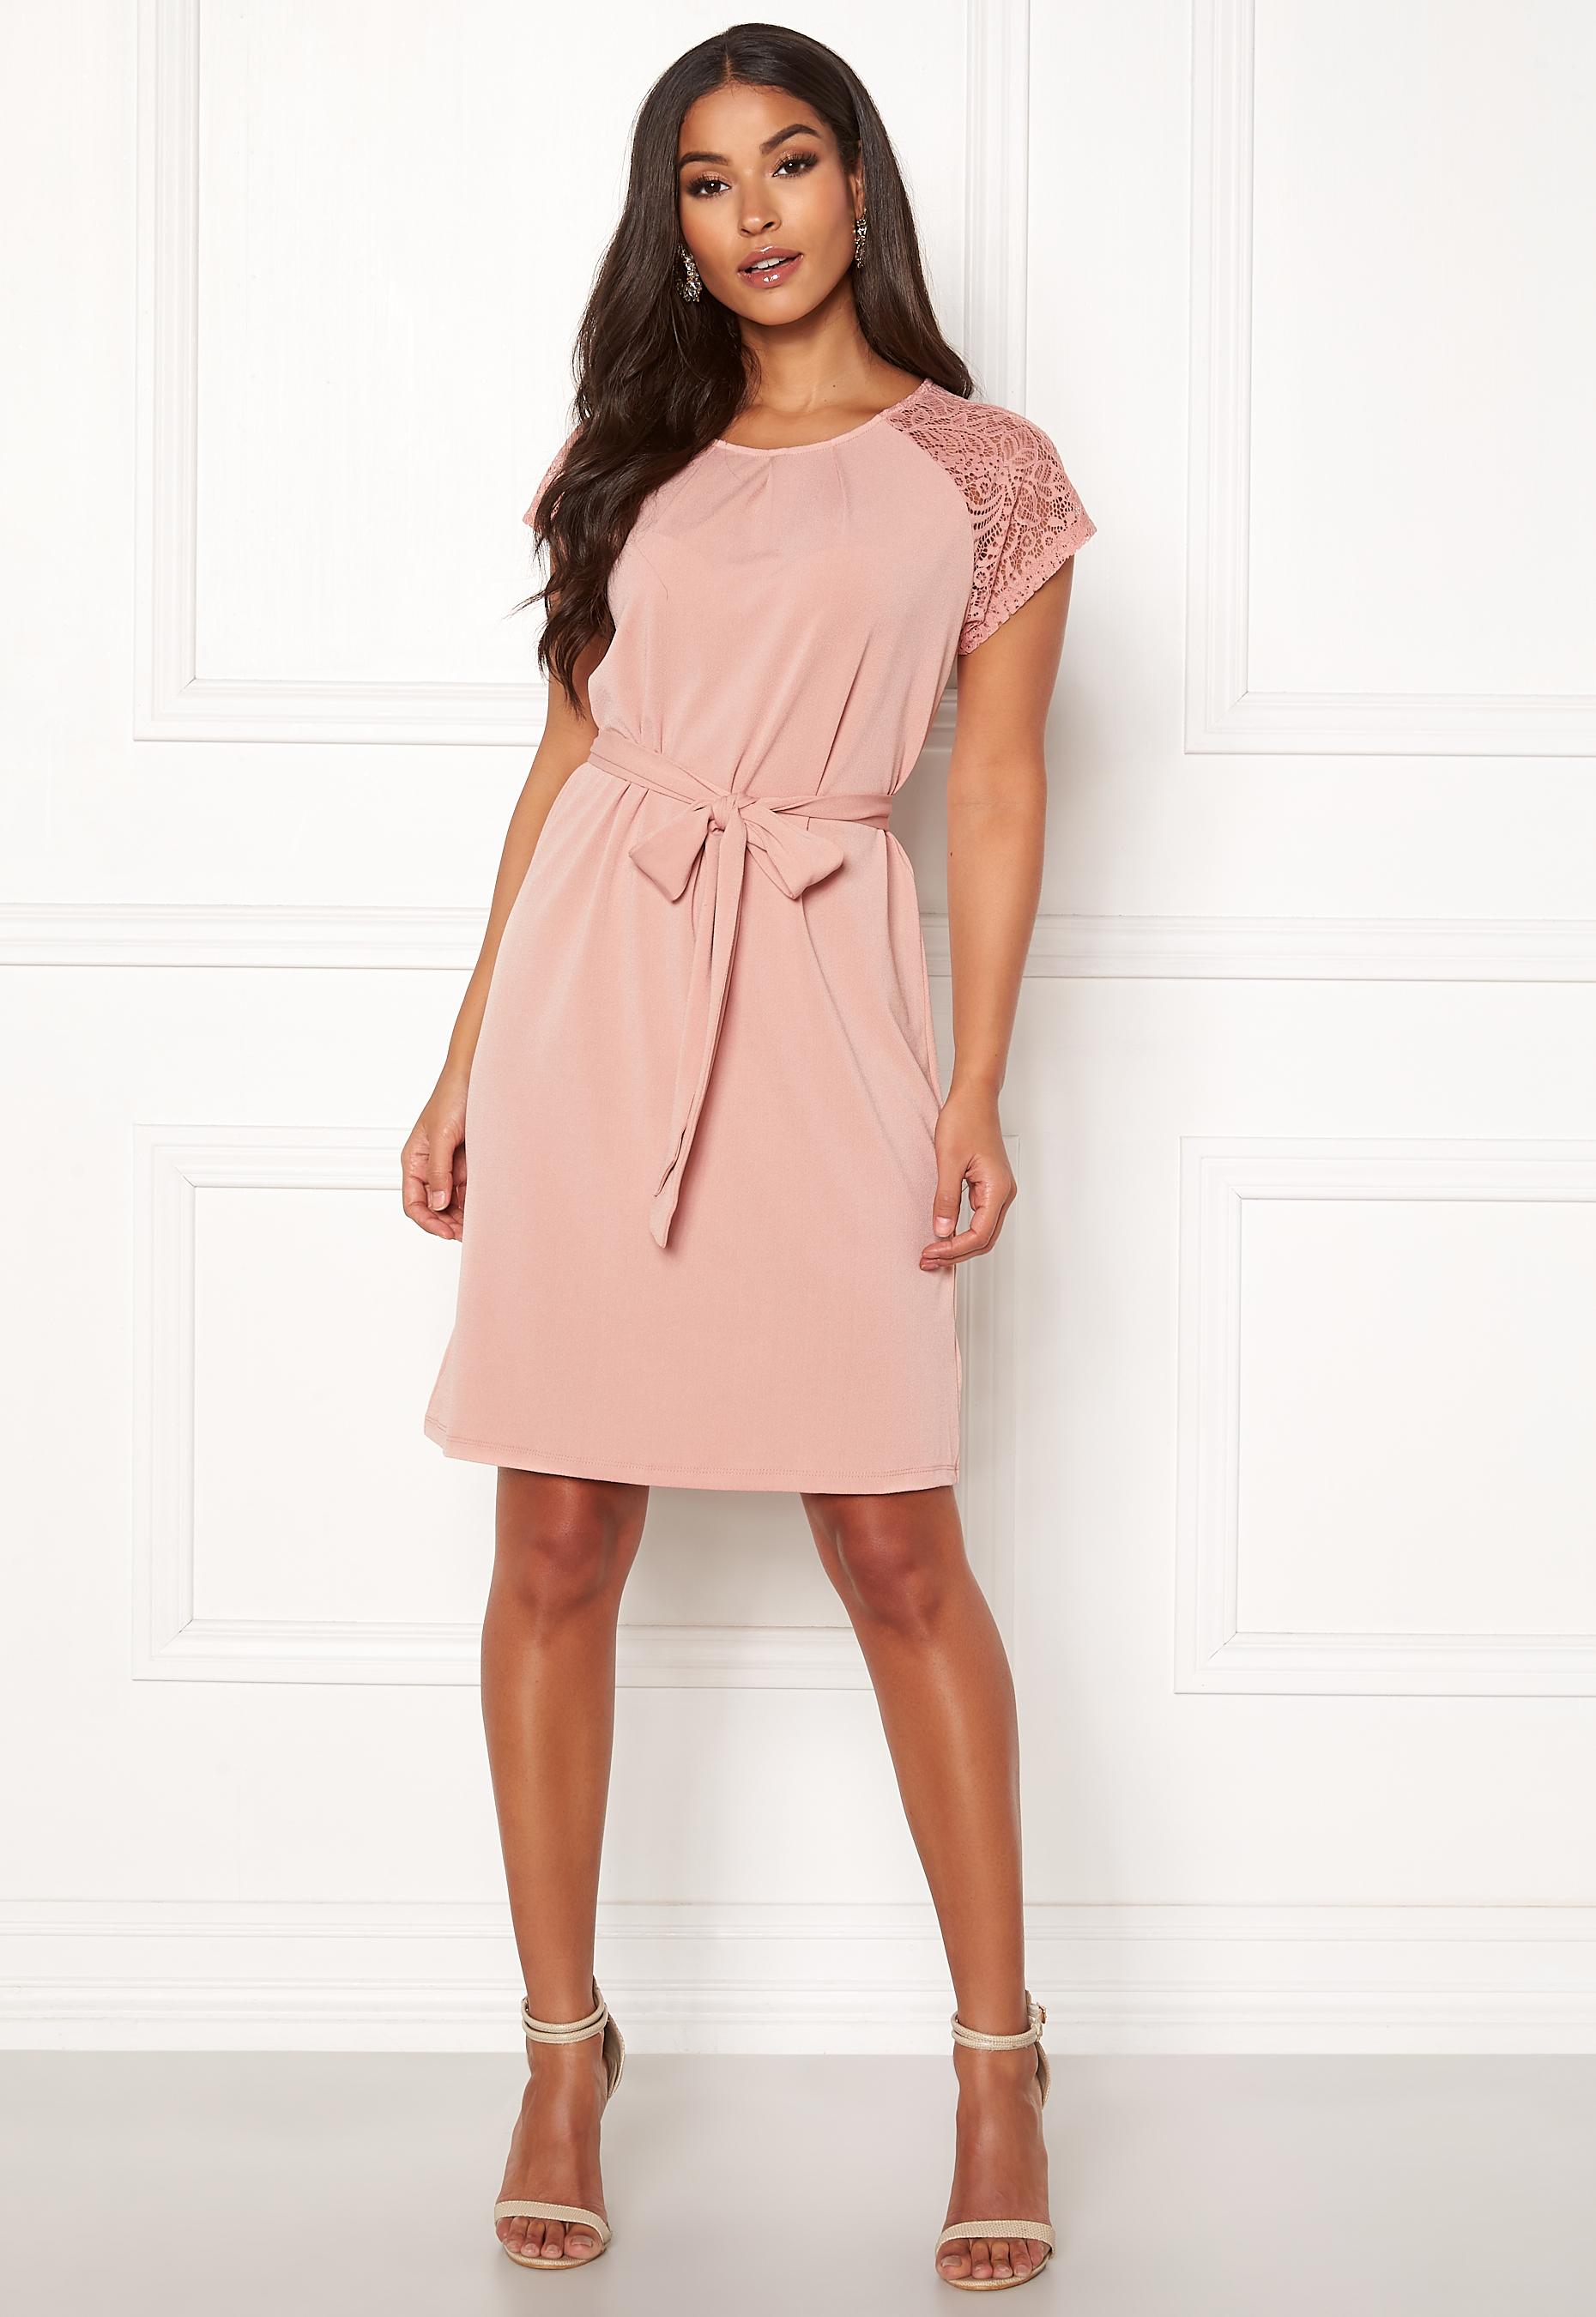 78495d6425f1 VERO MODA Alberta S S Lace Dress Misty Rose - Bubbleroom